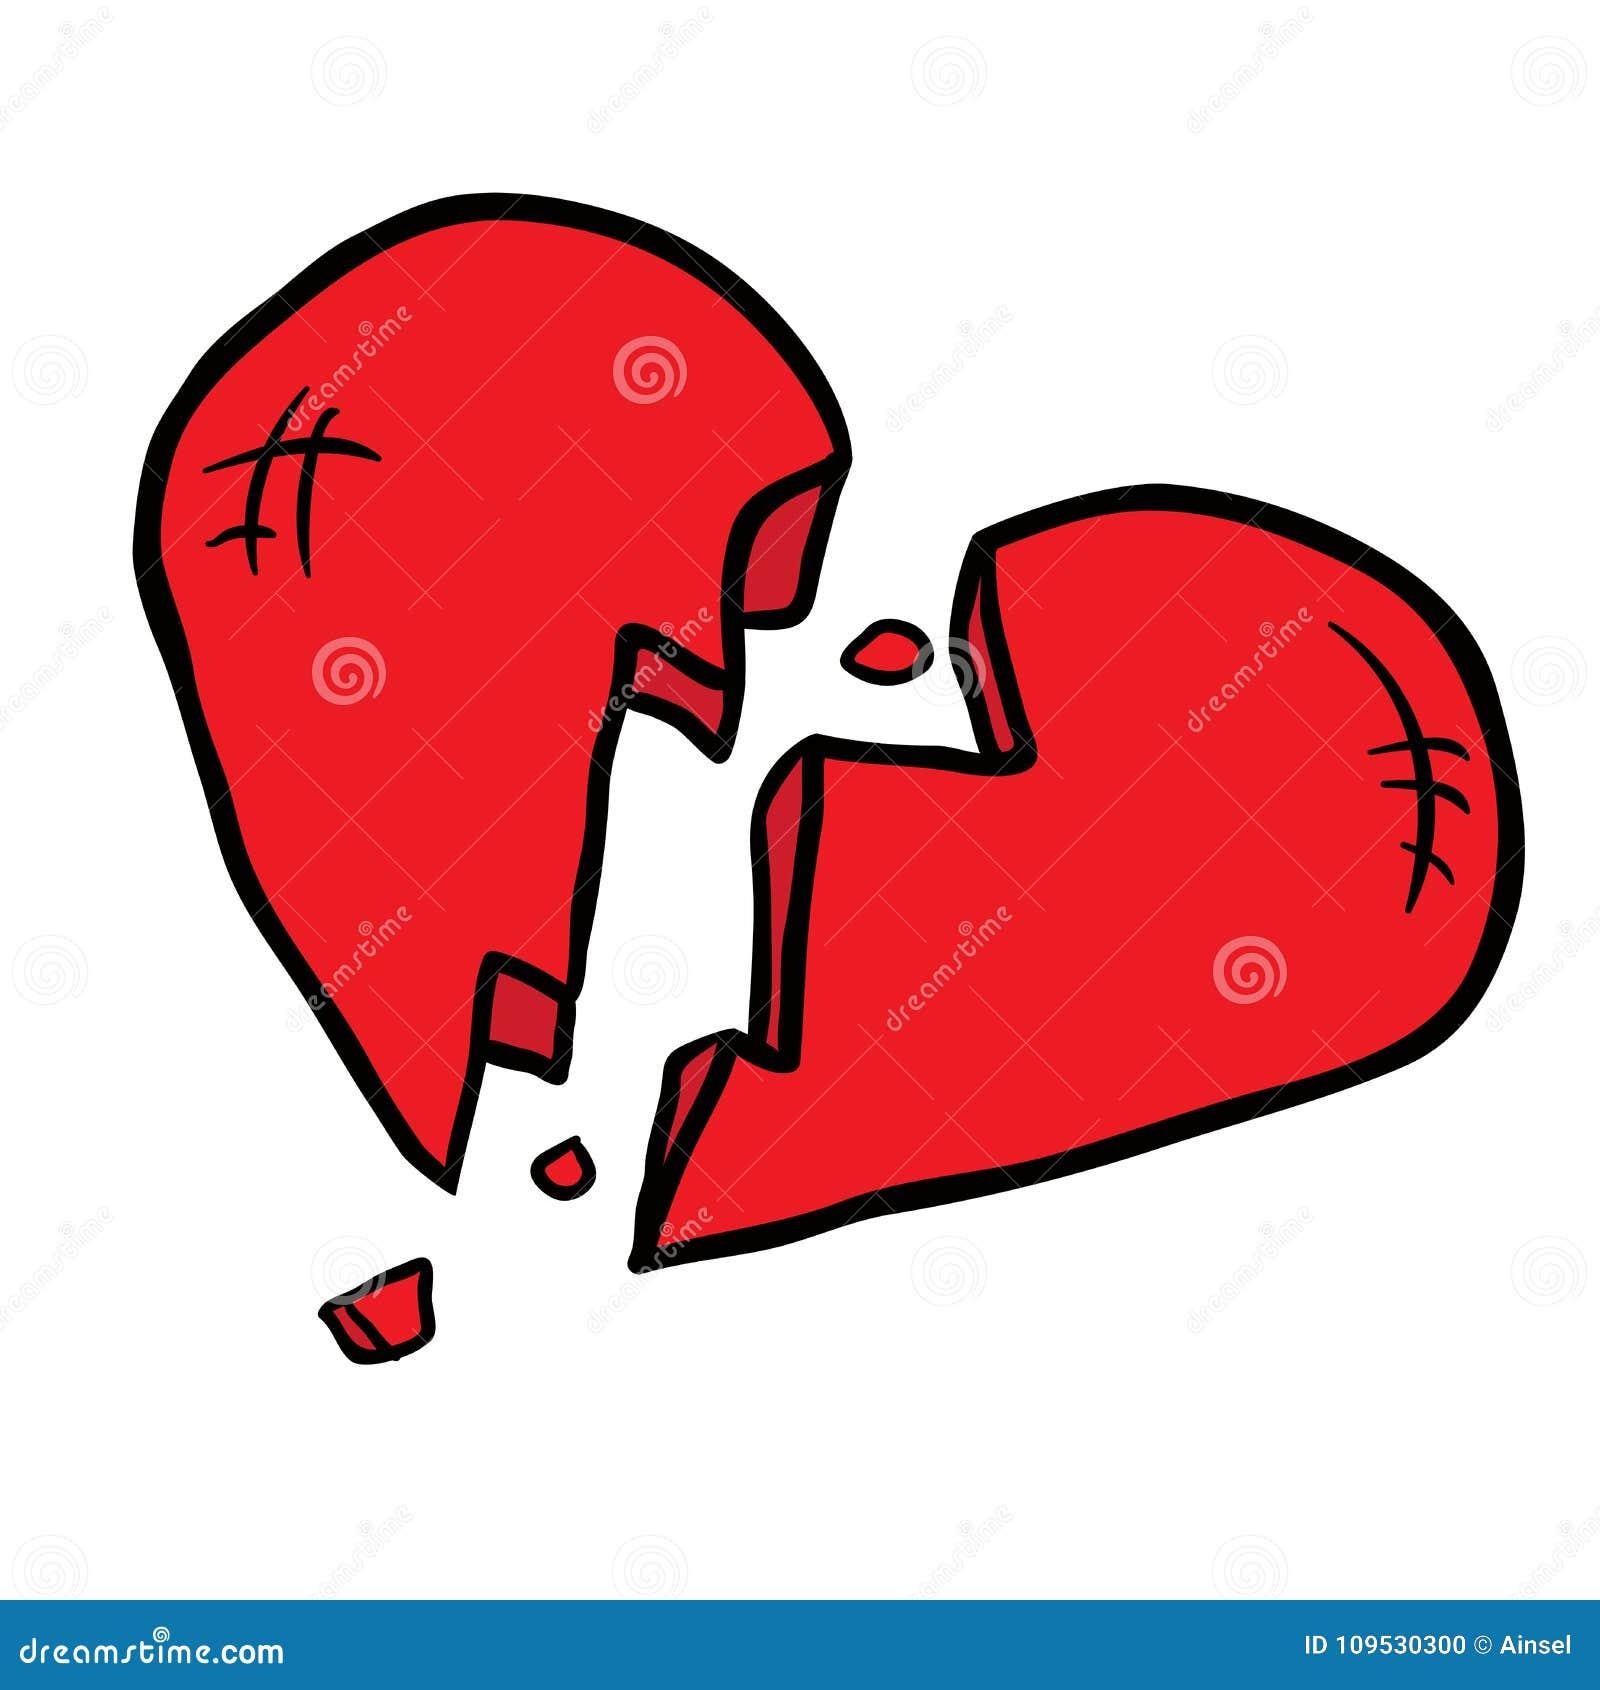 broken heart stock illustration illustration of date 109530300 rh dreamstime com cartoon broken heart pic cartoon broken heart video